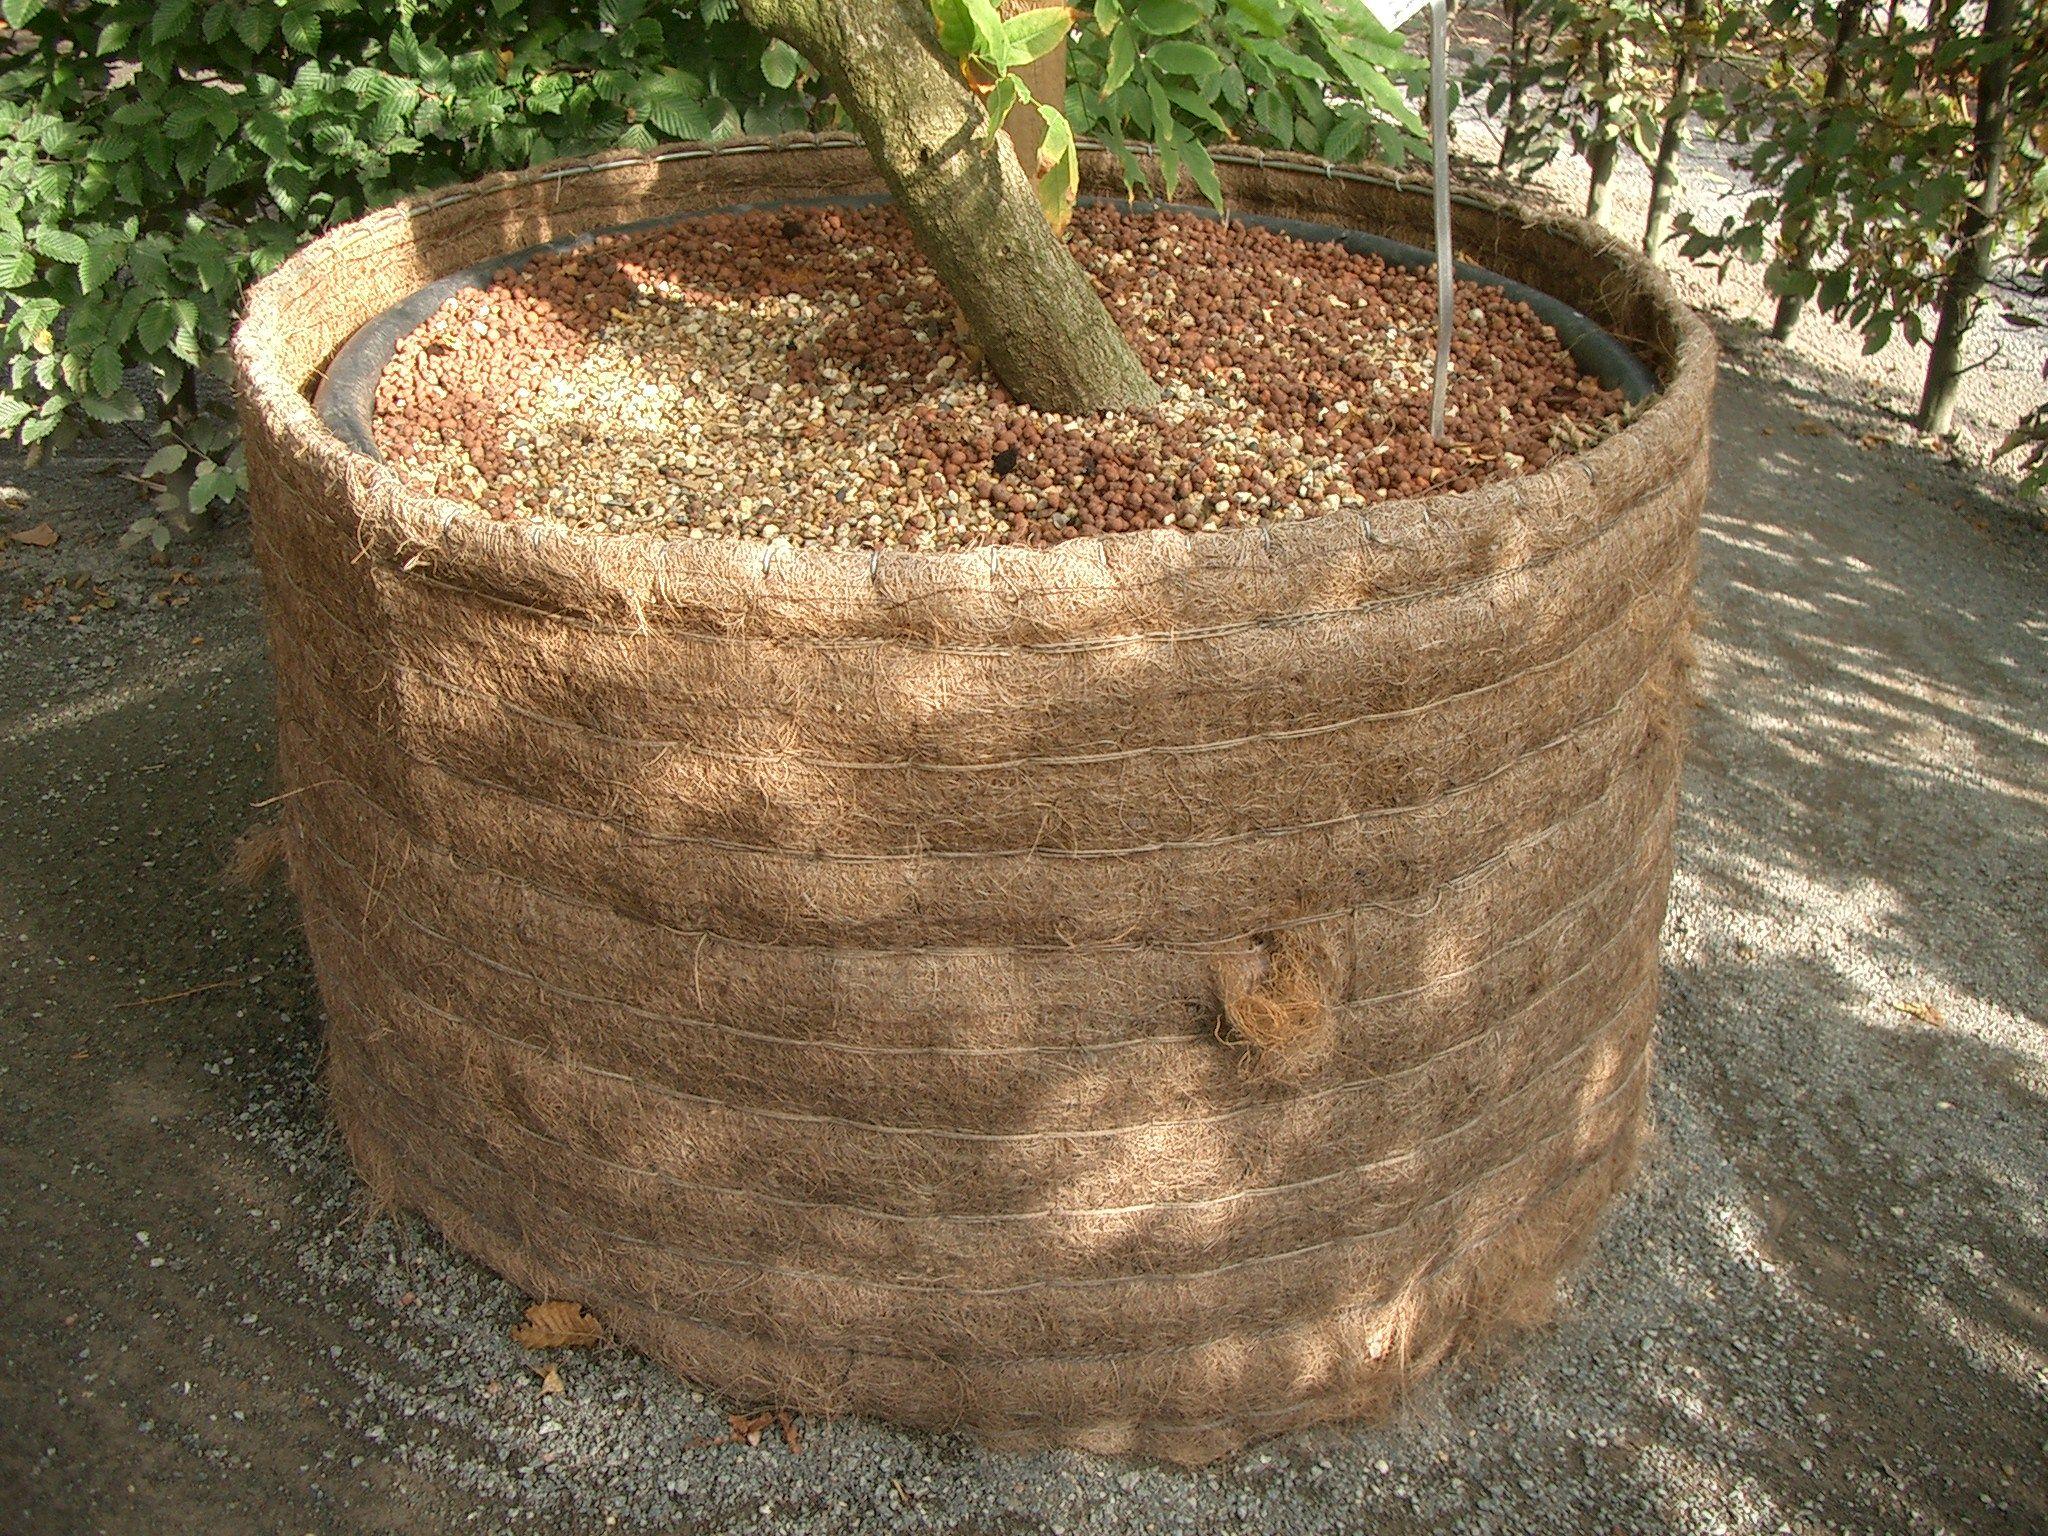 Plastik Mortelkubel Mit Kokosummantelung Leicht Garten